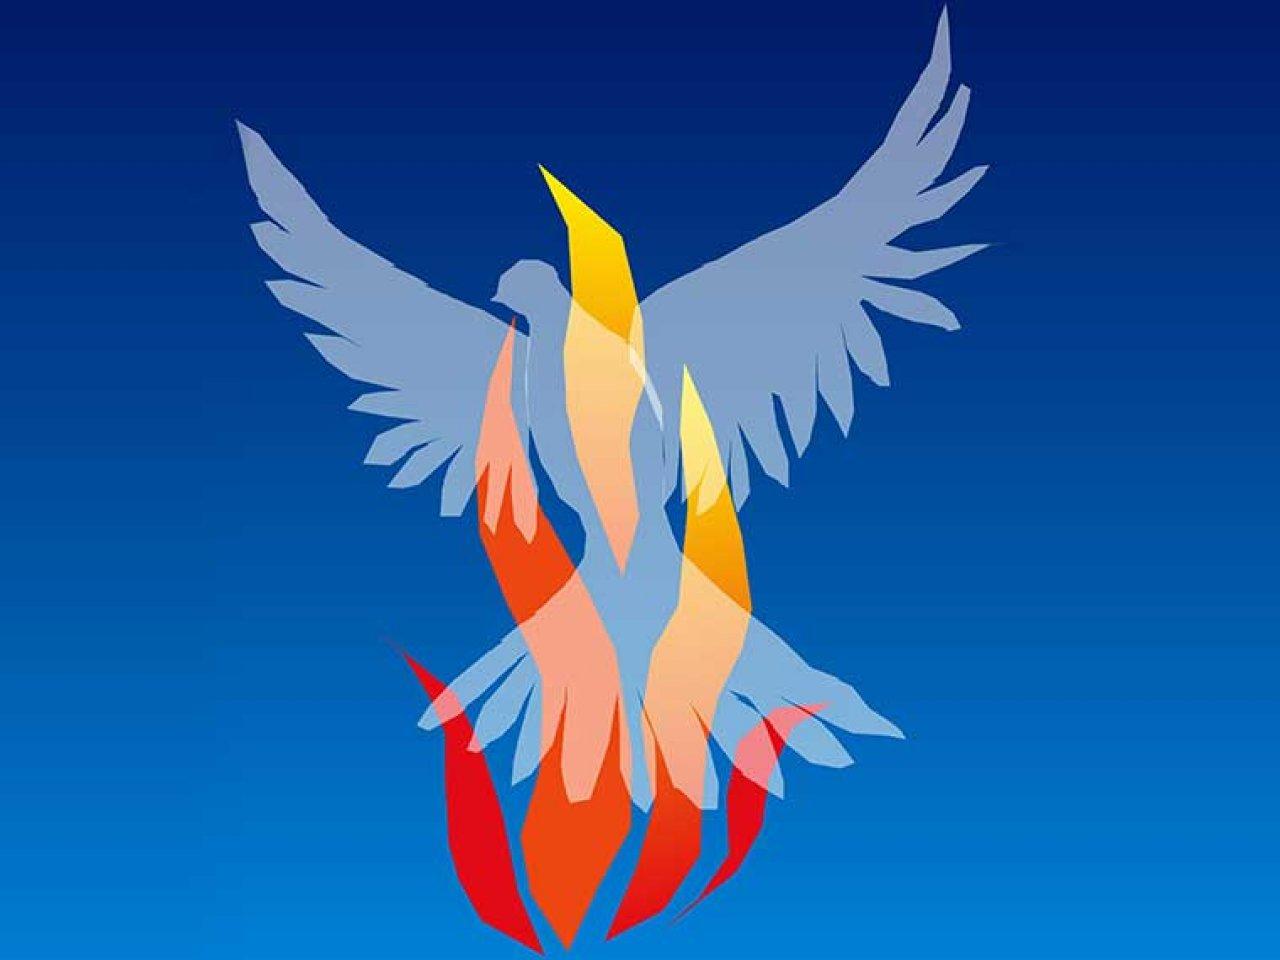 Sesto giorno di novena: Lo Spirito Santo dono ai credenti